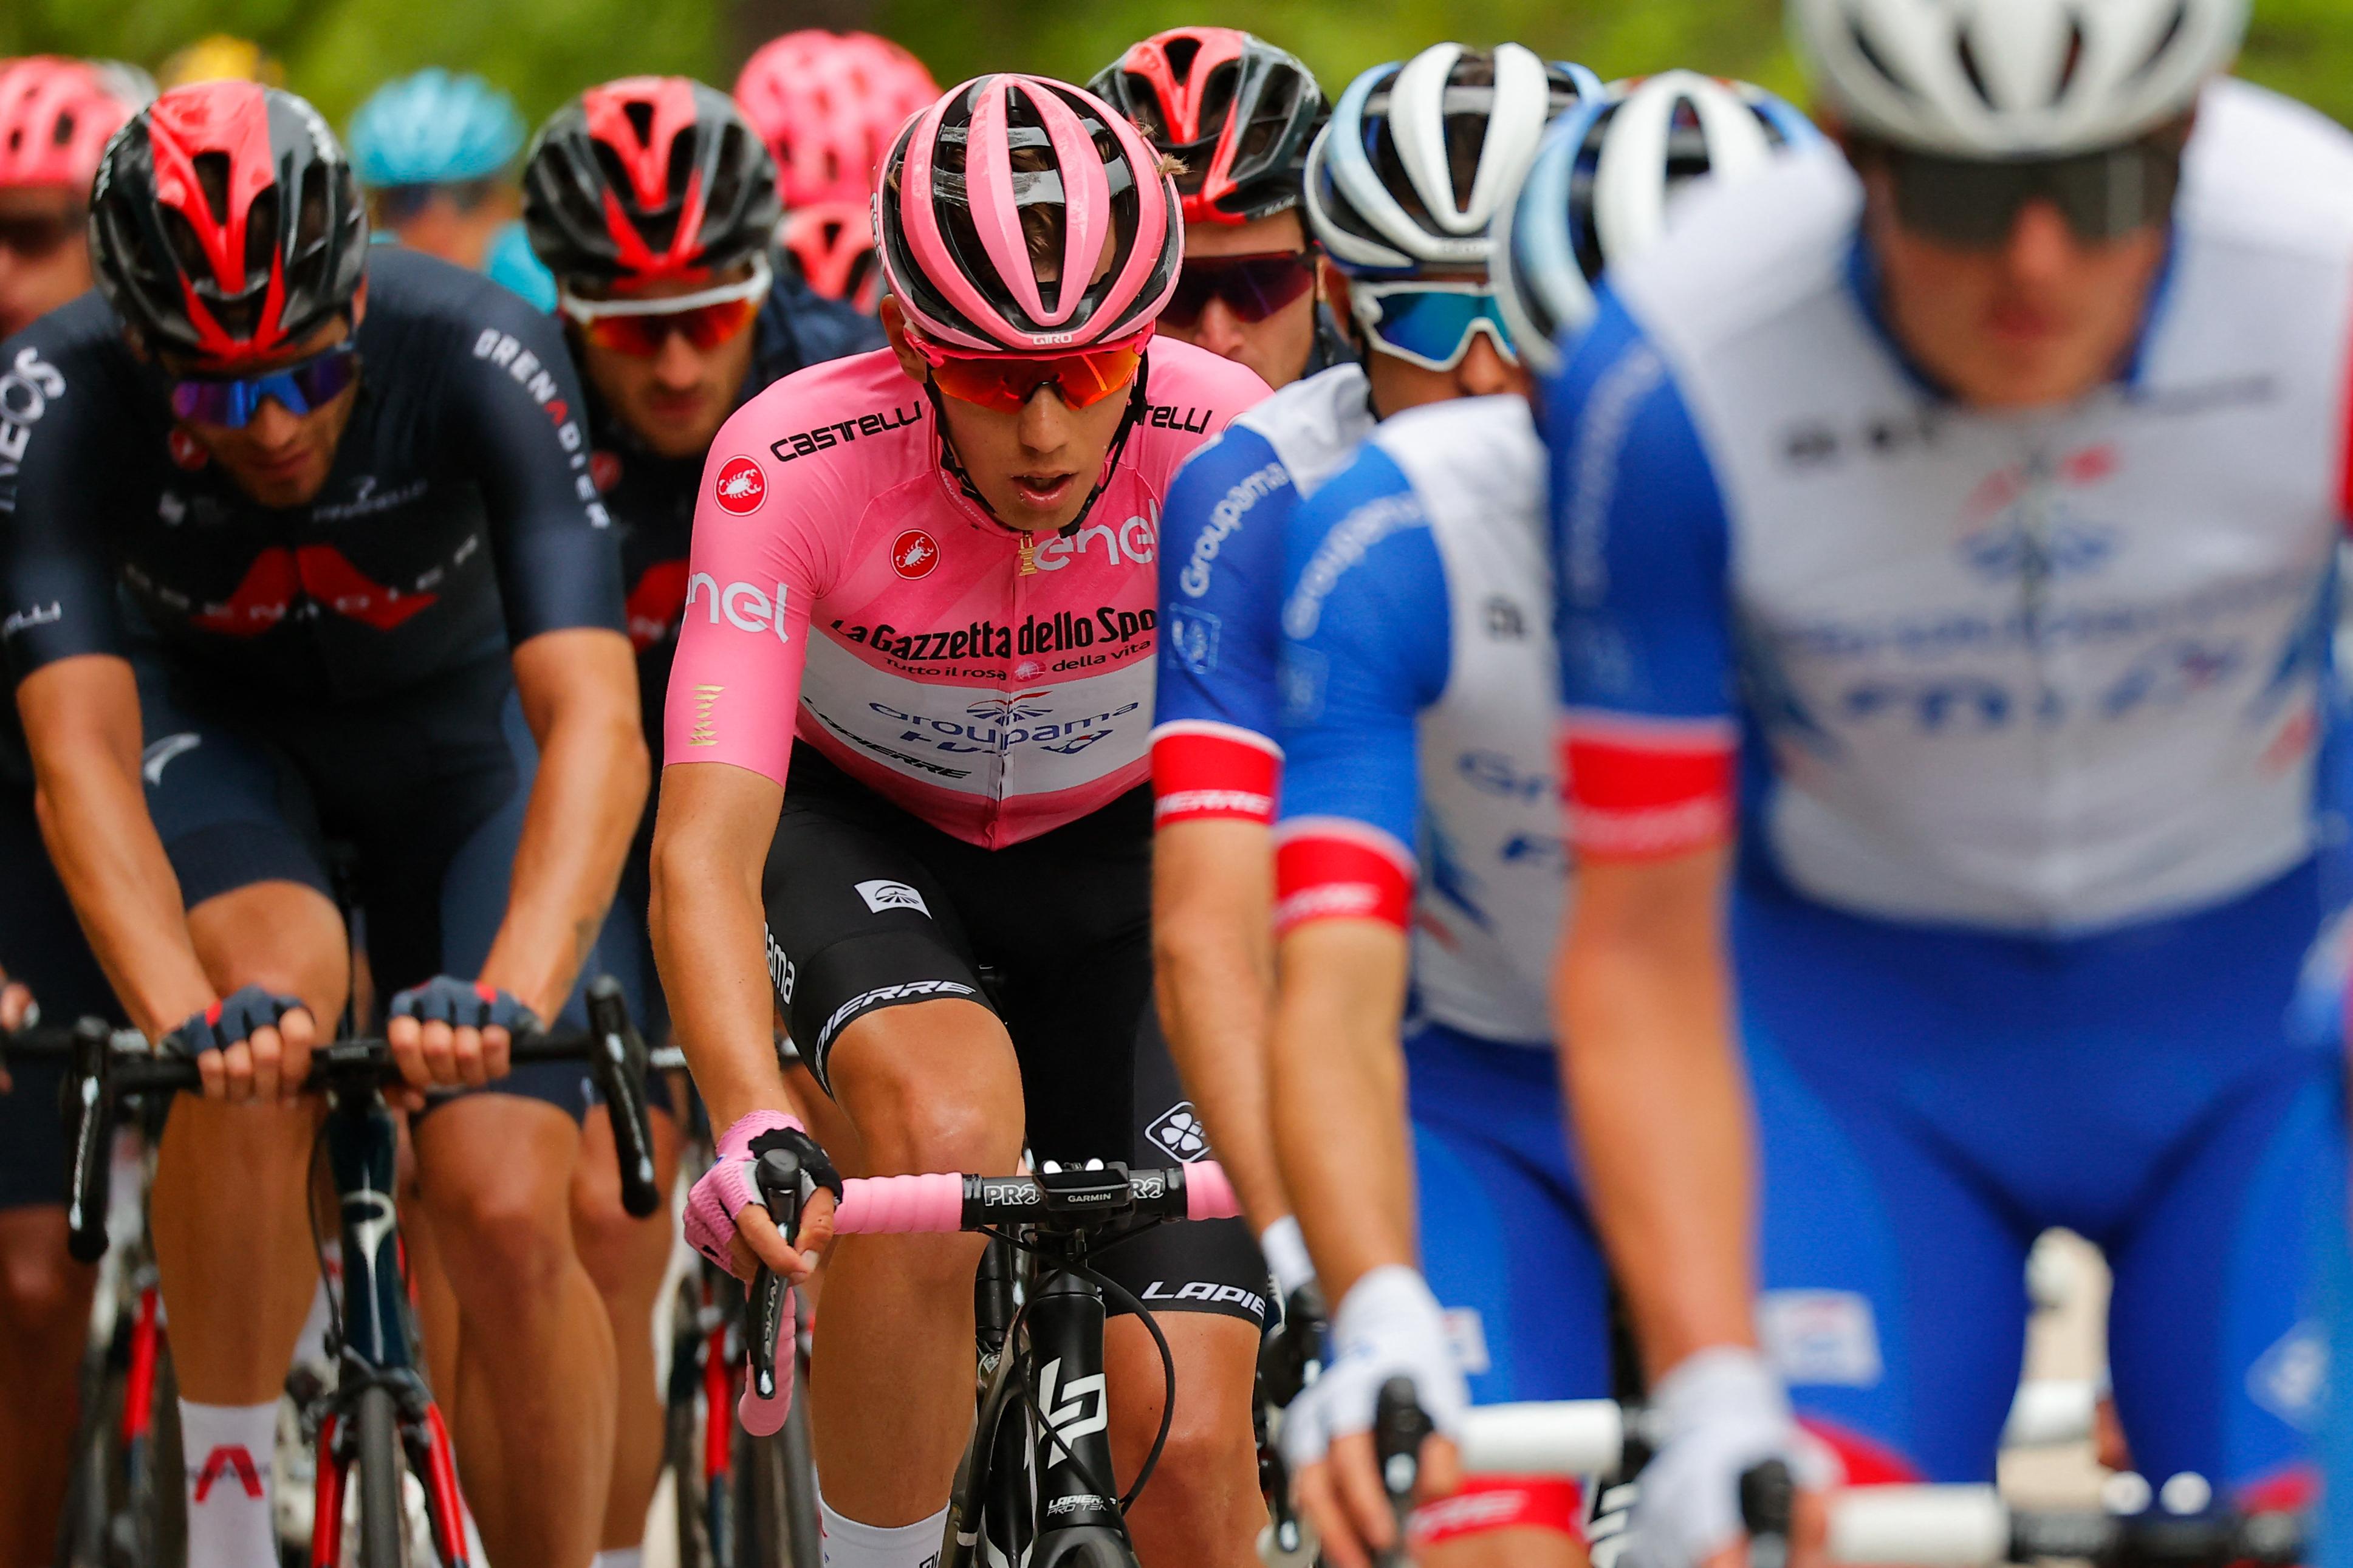 Bernal átvette a rózsaszín és a fehér trikót is Valtertől